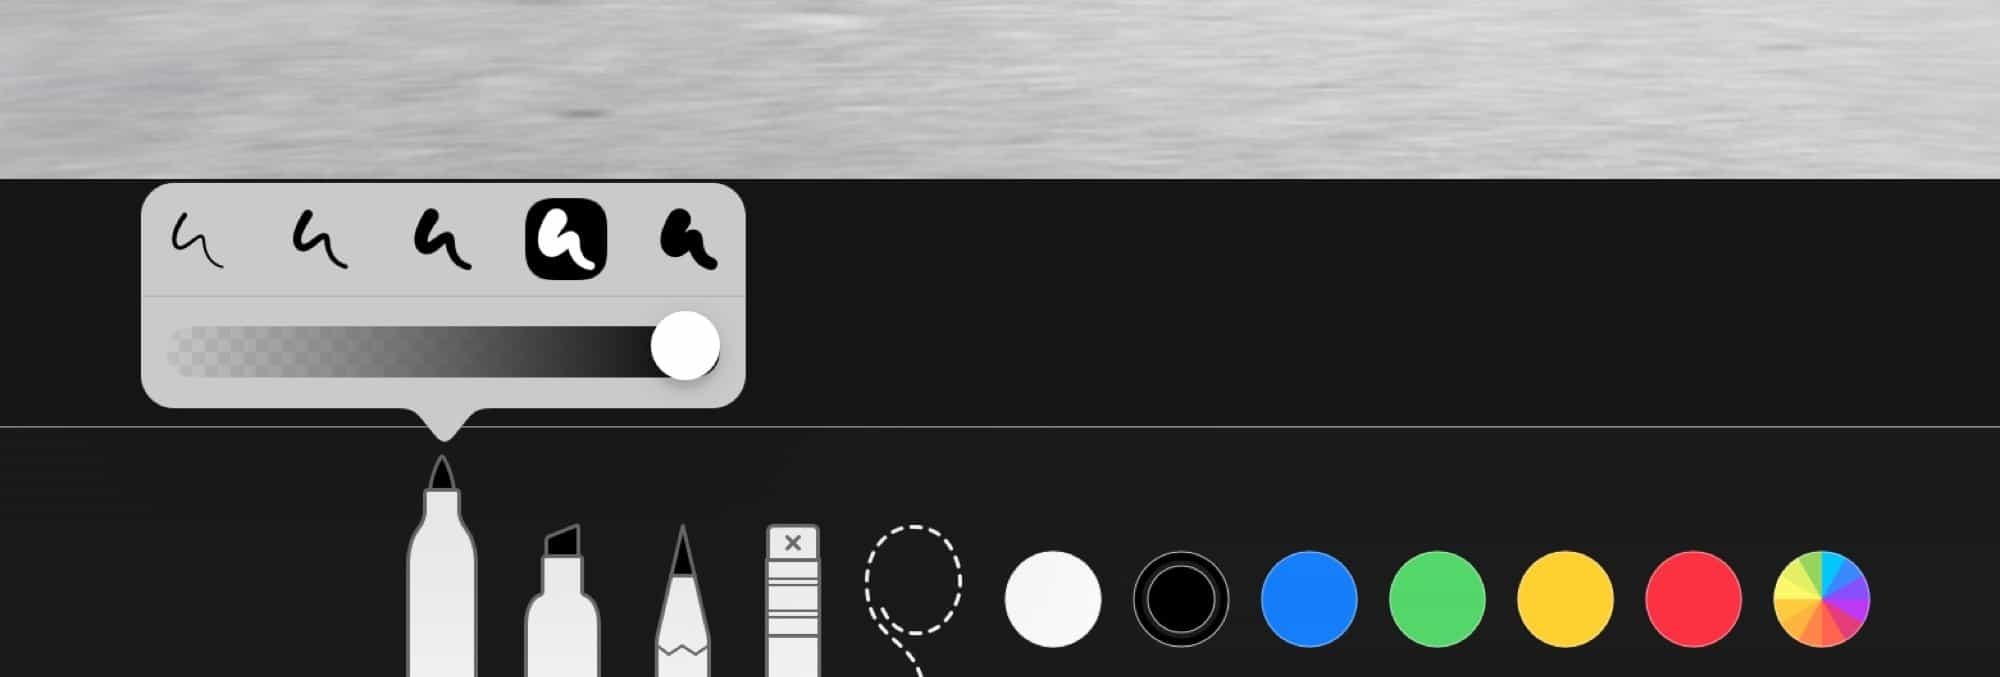 iOS 12 işaretleme özelliği